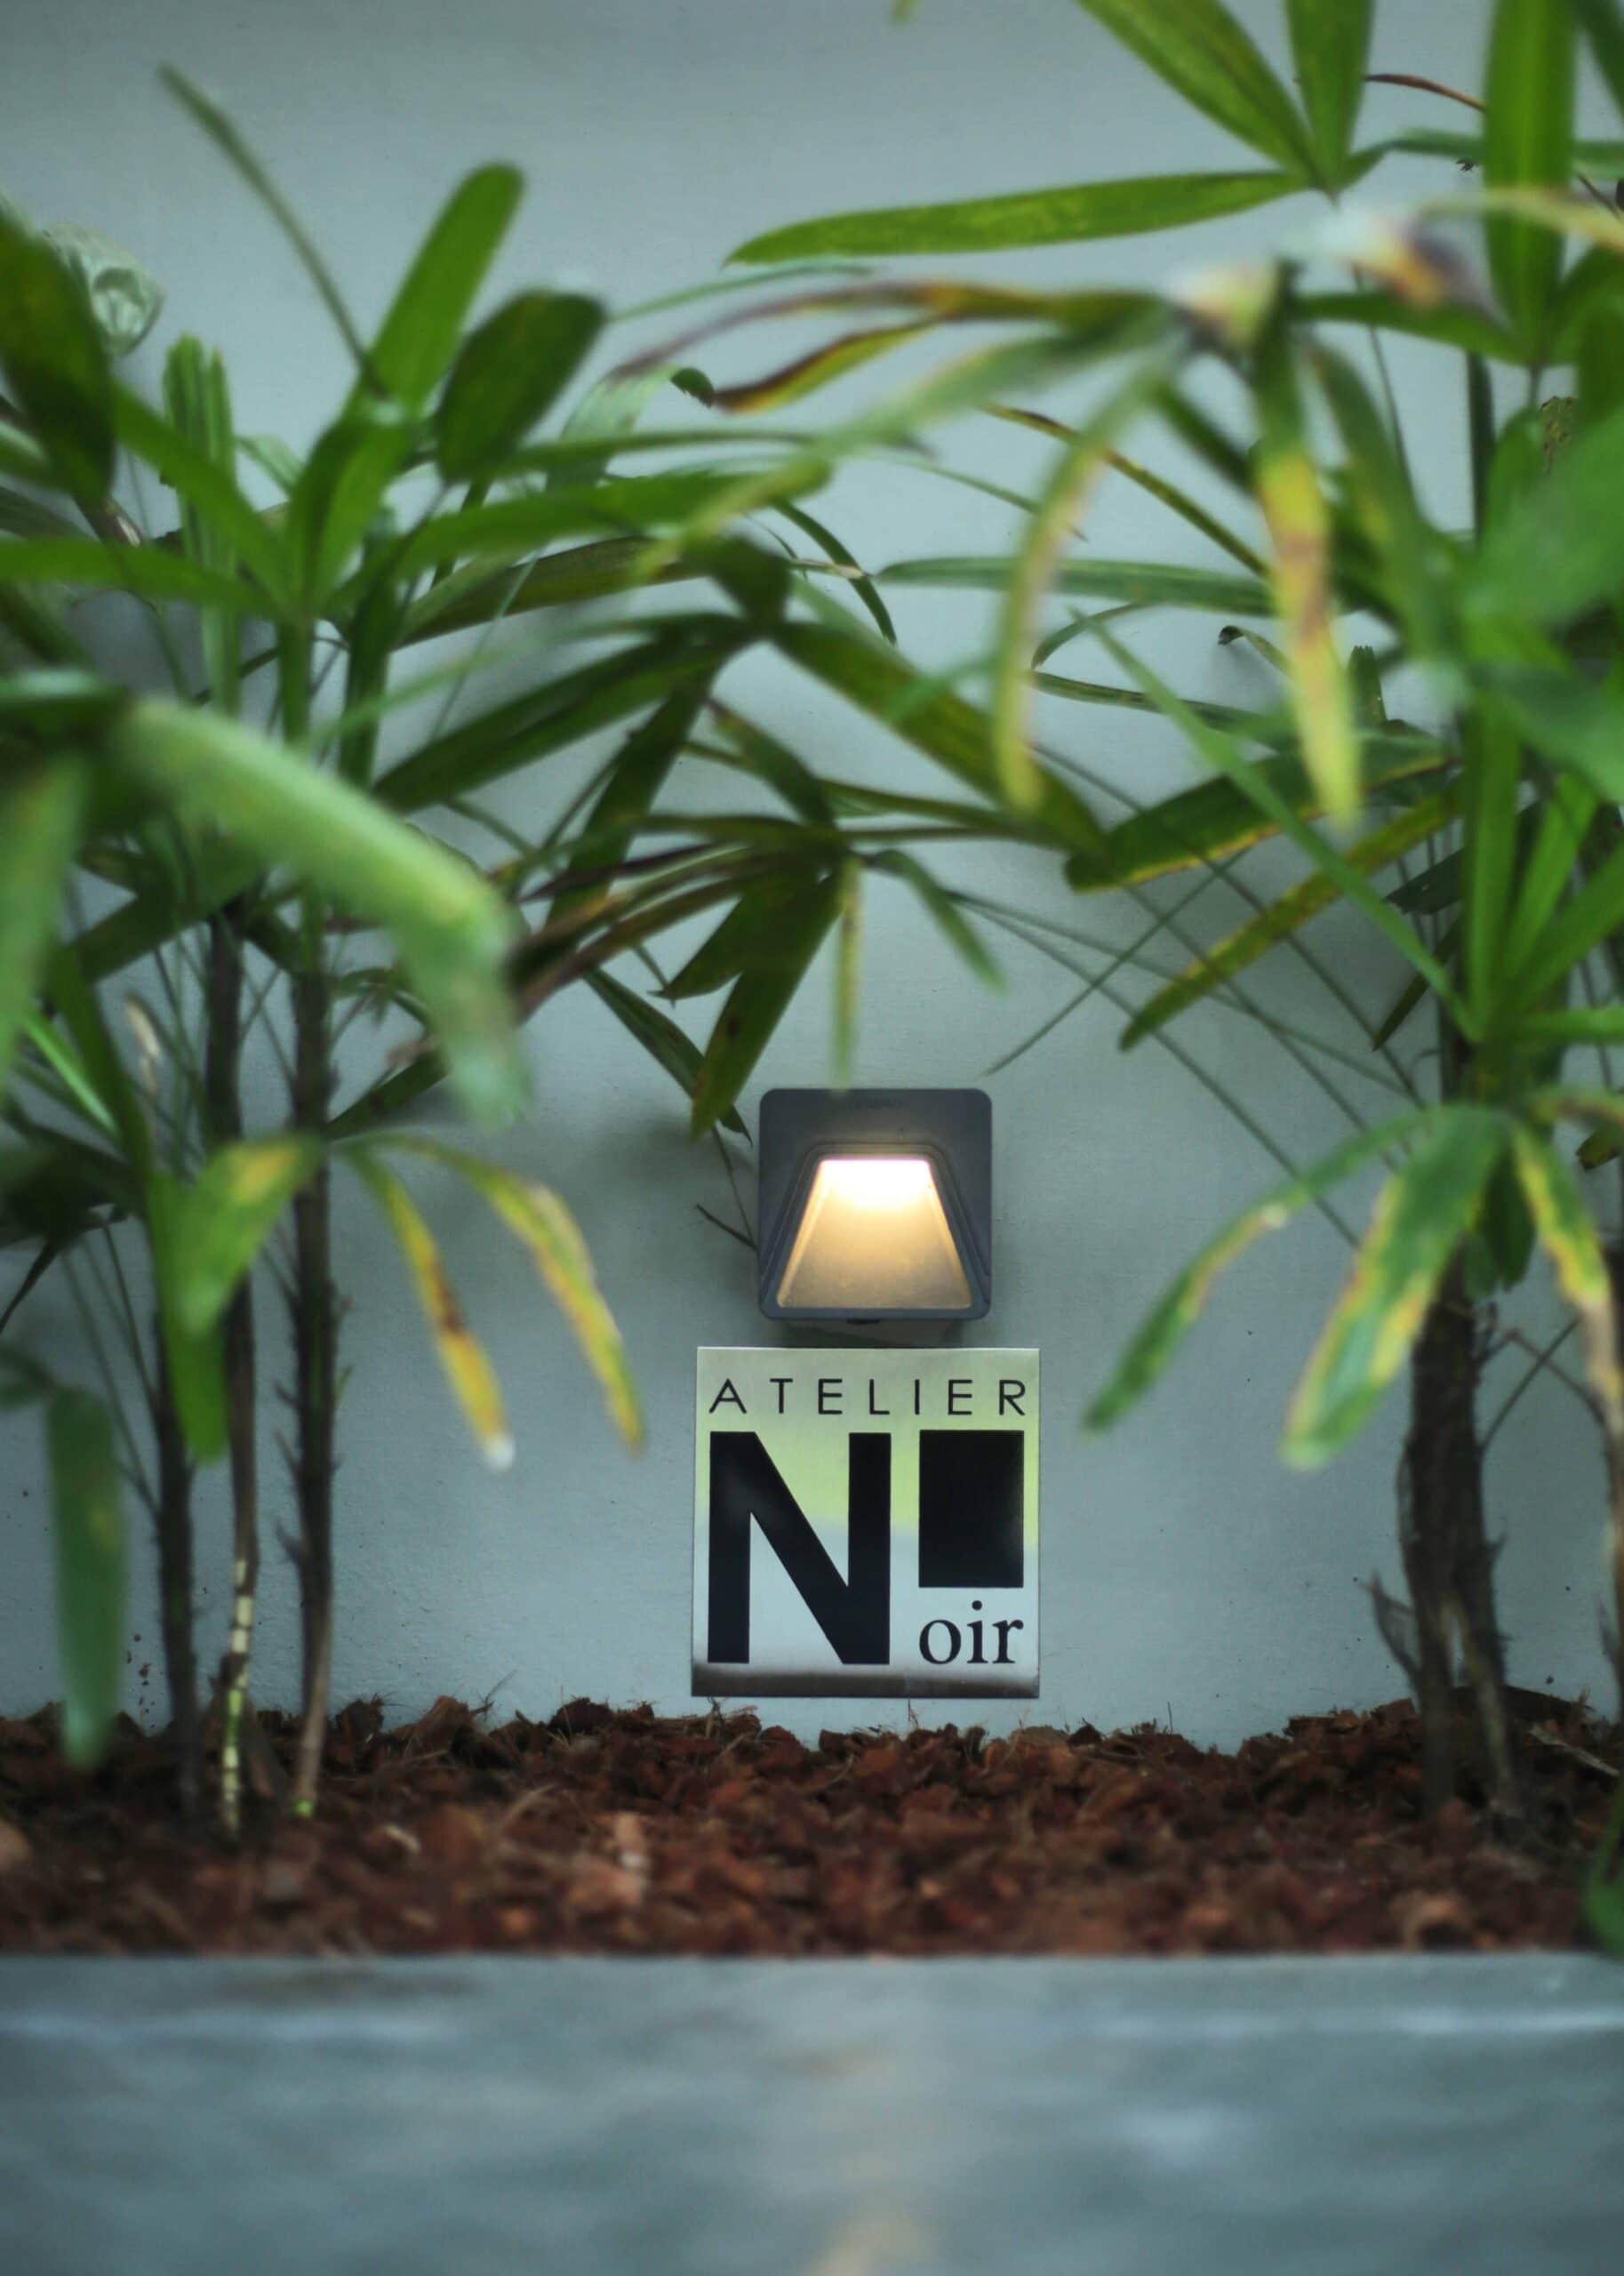 Peek-a-Box by Atelier Noir in Kochi